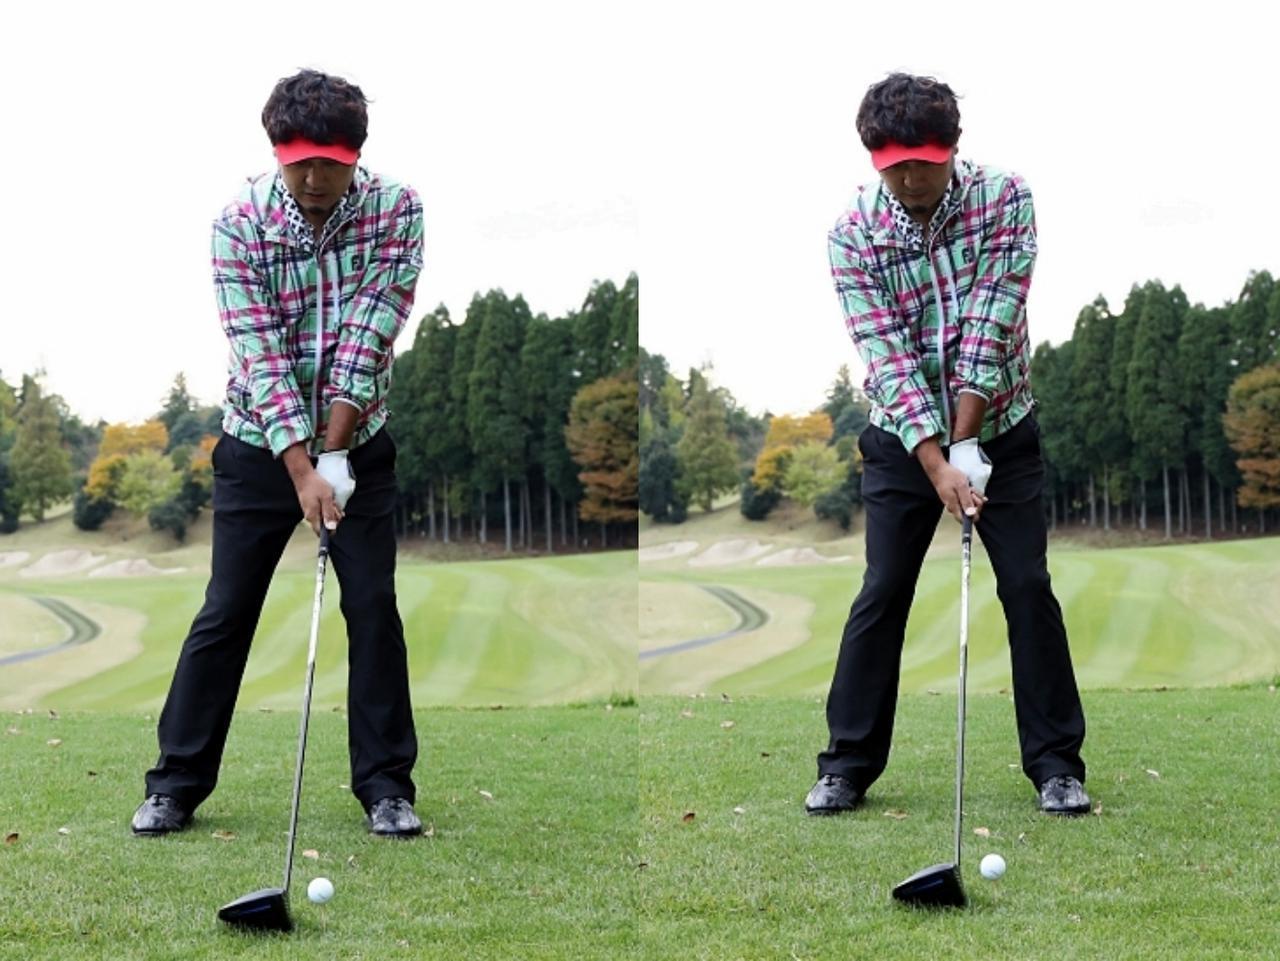 画像: アドレスでボールを真上から見る(写真左)状態になっていないかチェックし、ボールの右側面を見るようにアドレスしよう(写真右)